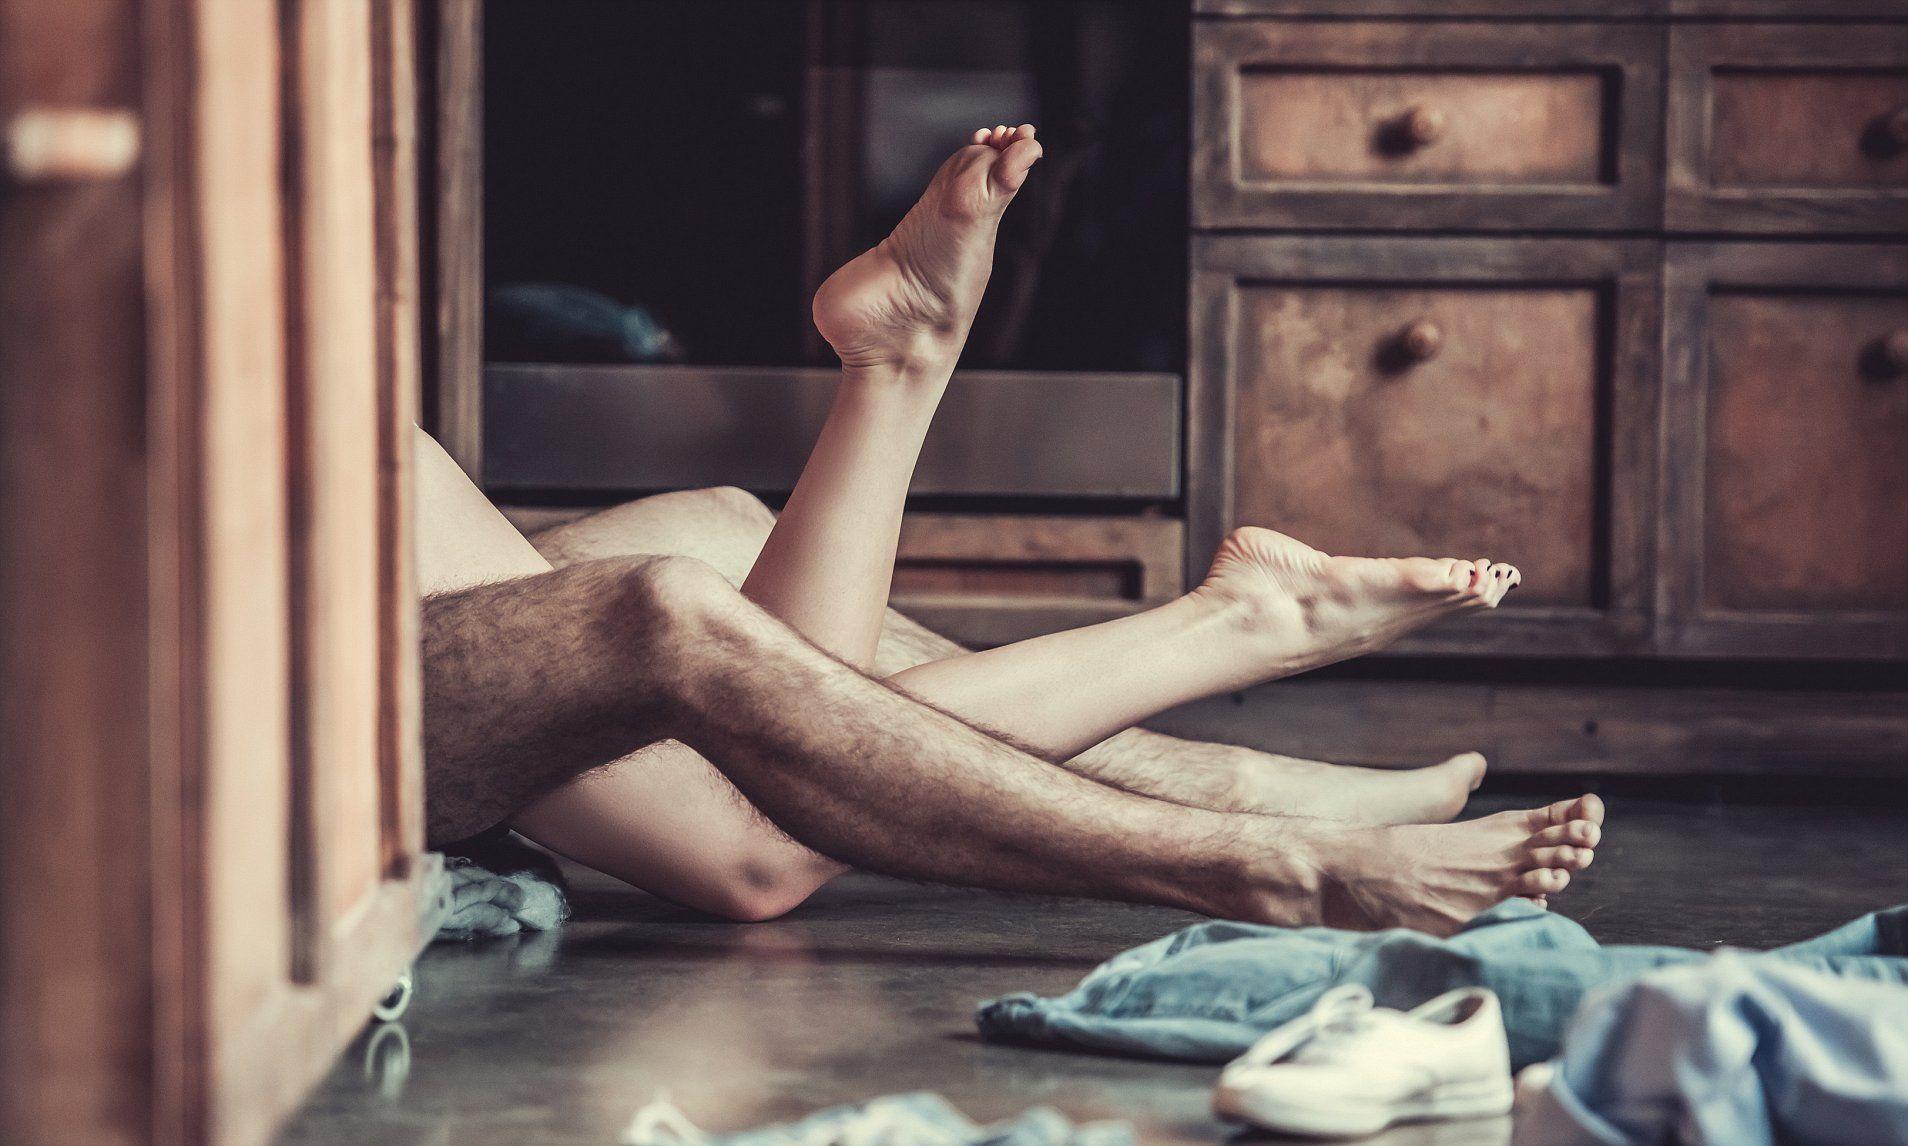 shot-great-sex-on-floor